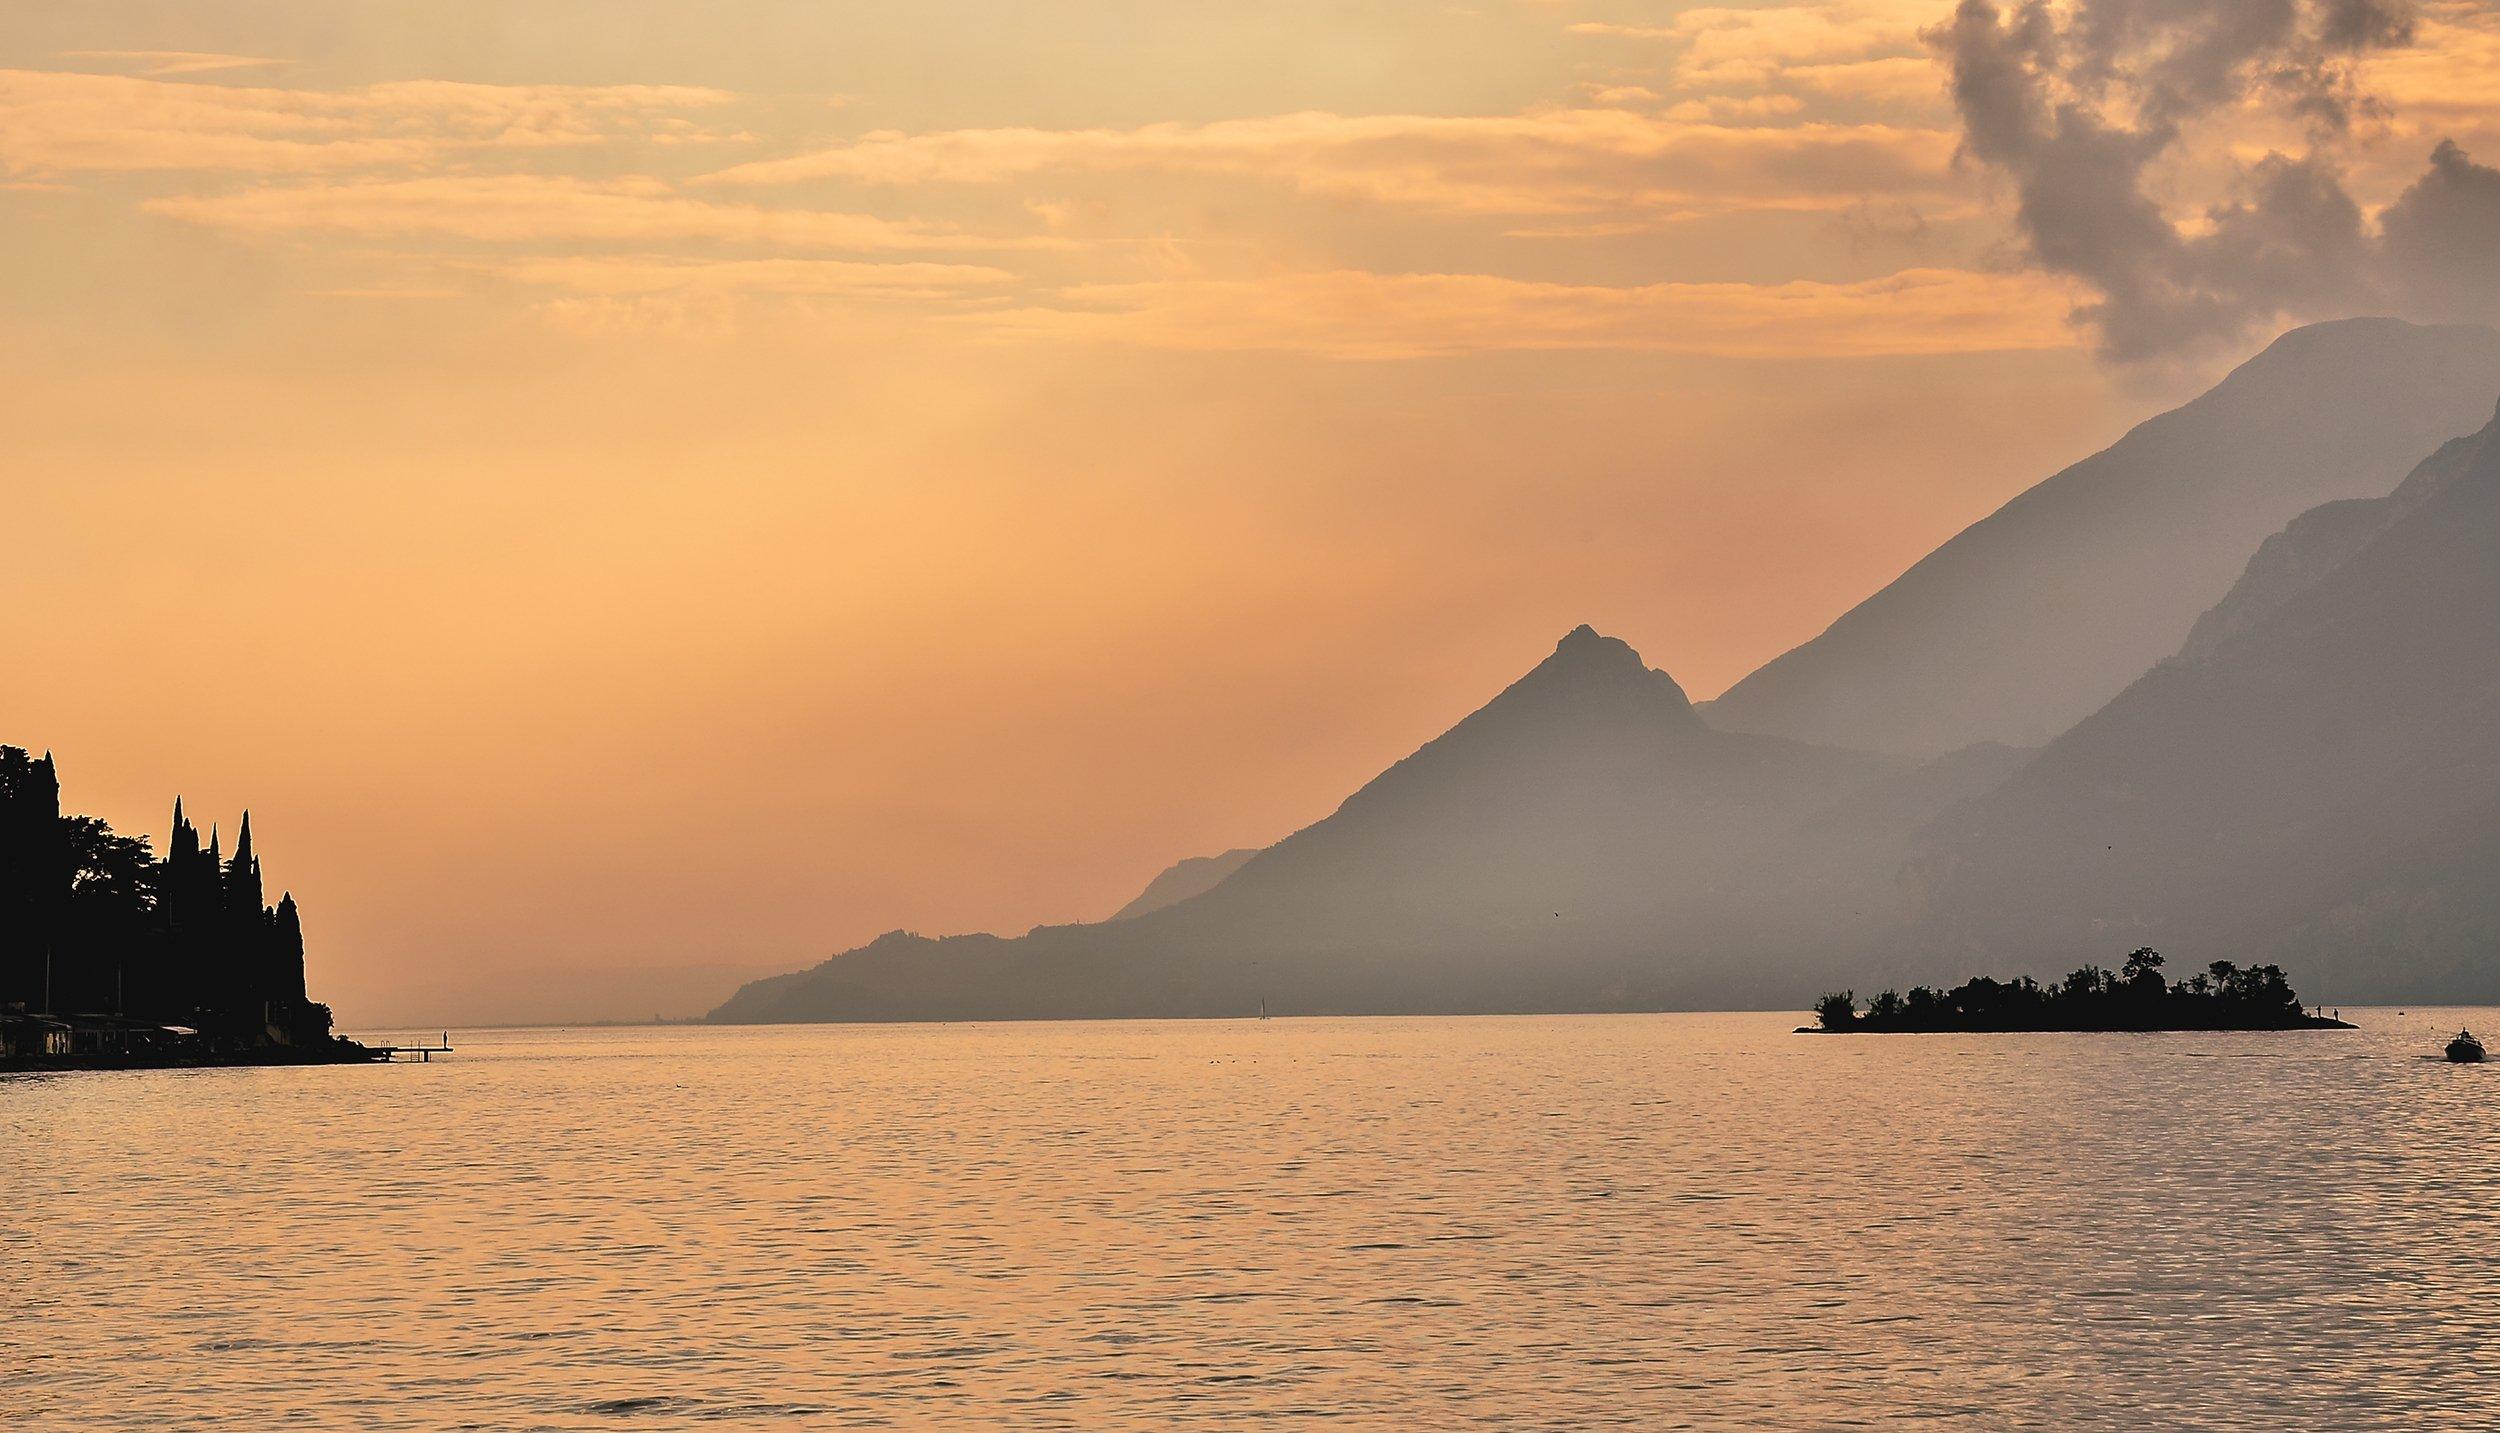 италия,озеро,вечер,вода, Natali Bol